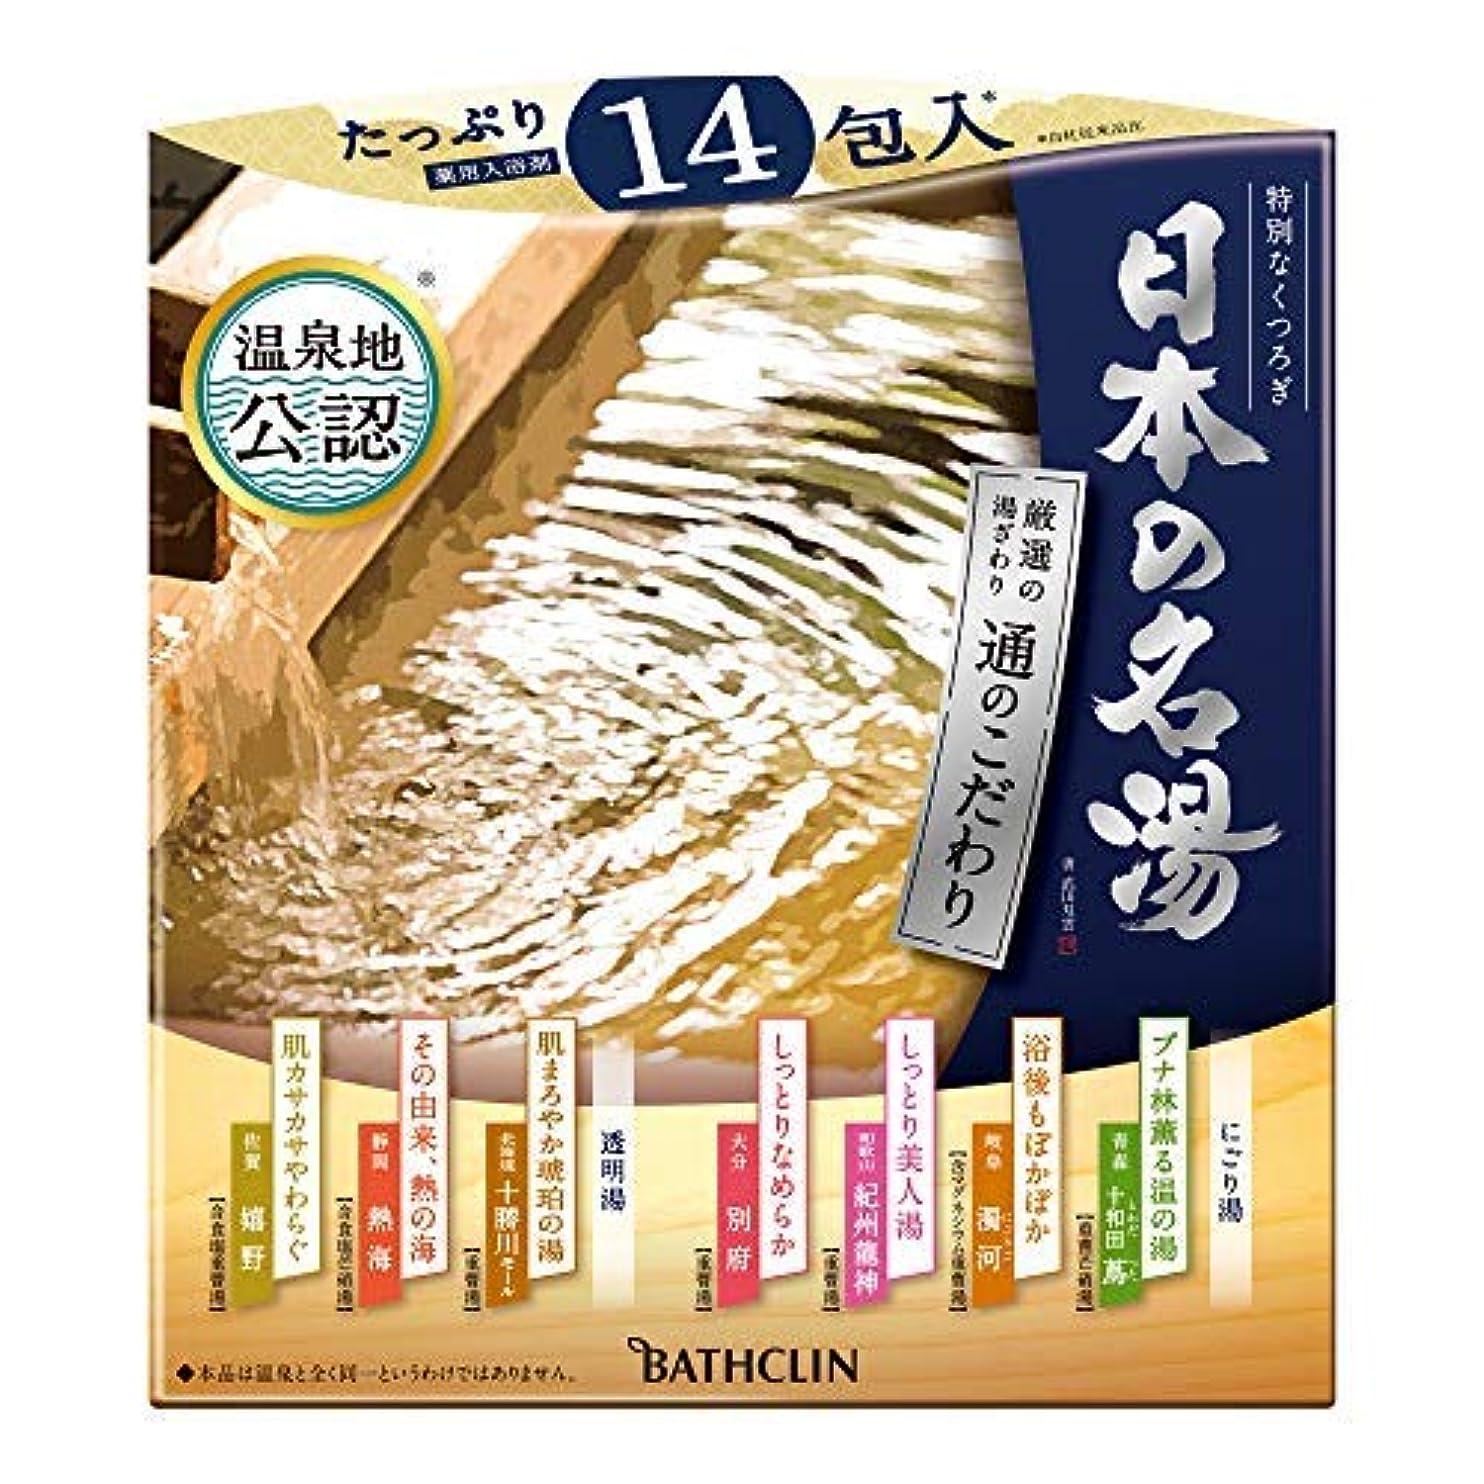 手伝う突っ込むお願いします日本の名湯 通のこだわり 30g×14包 × 12個セット